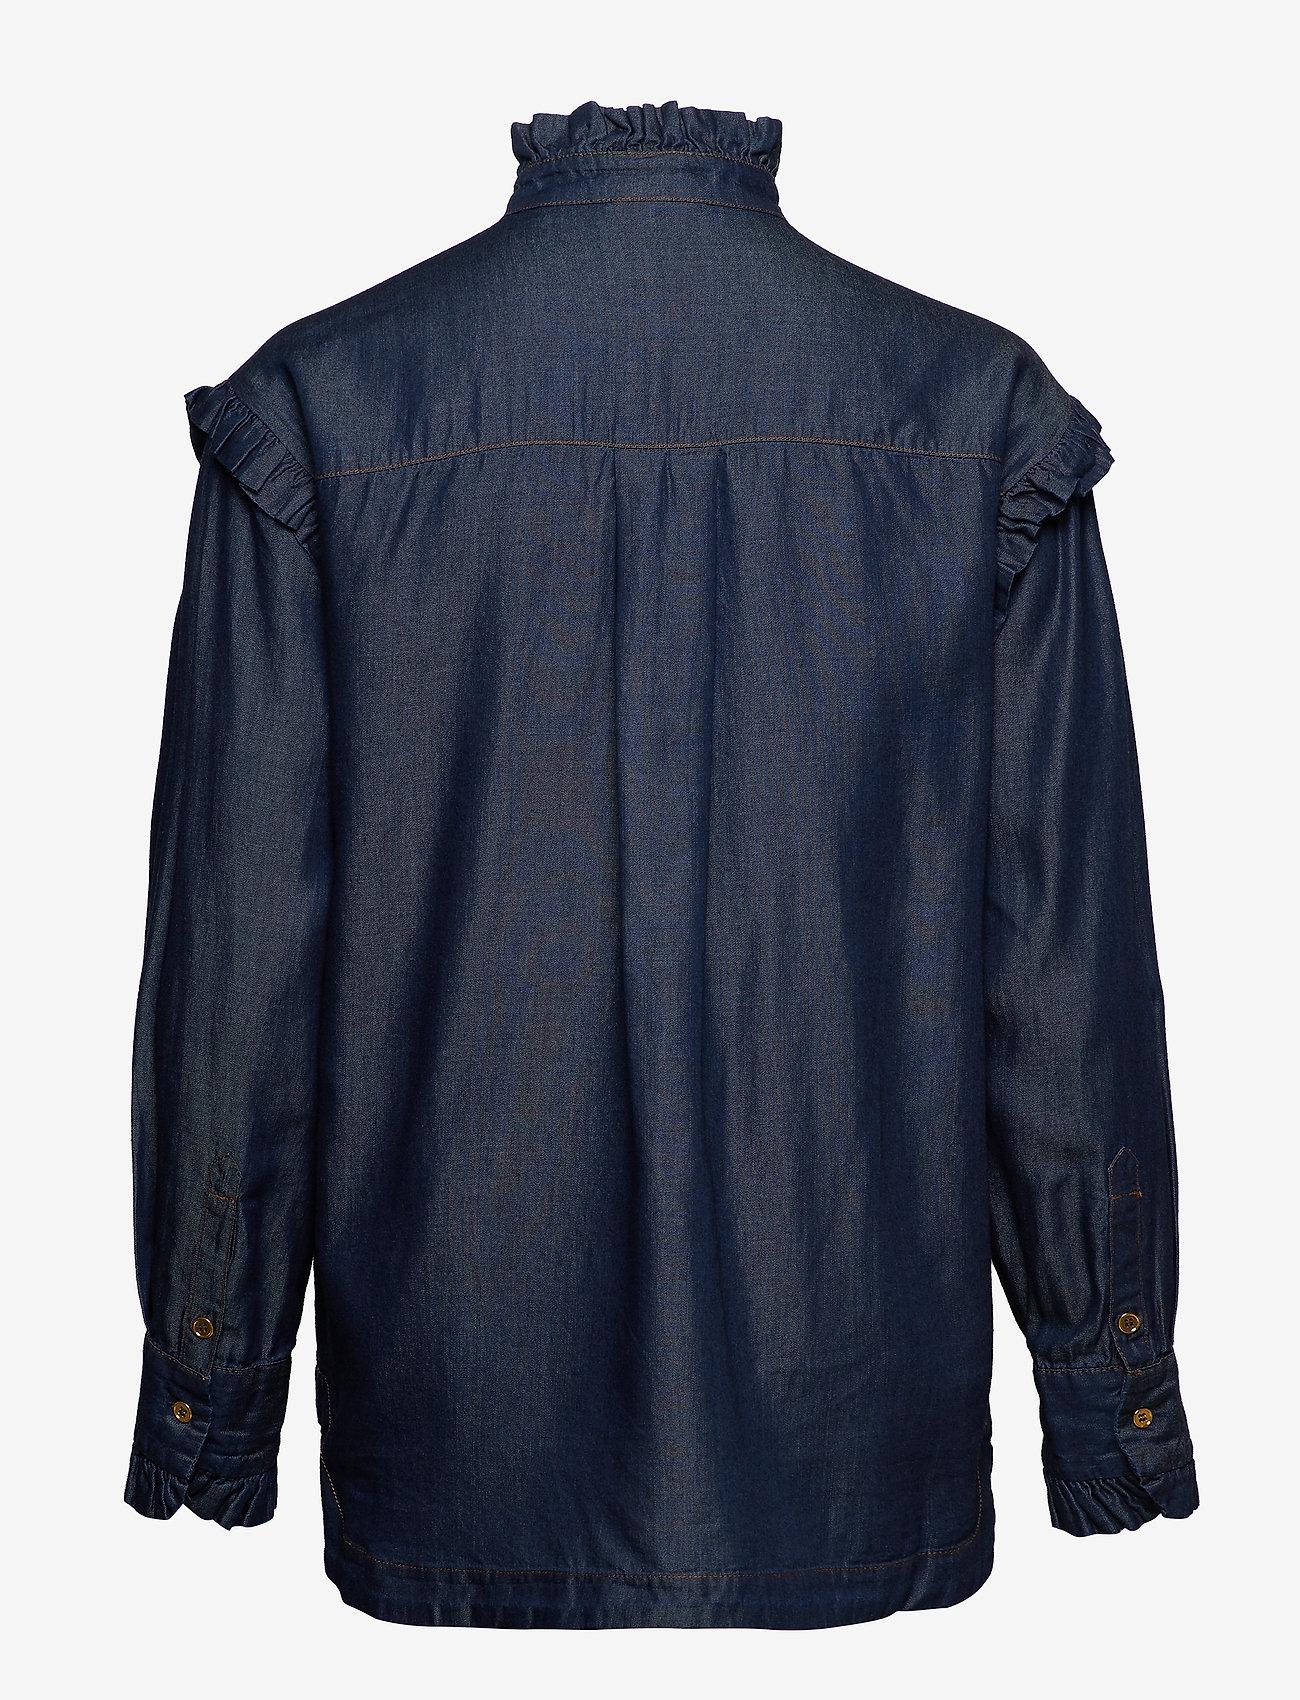 Day Birger Et Mikkelsen Kus - Blouses & Shirts